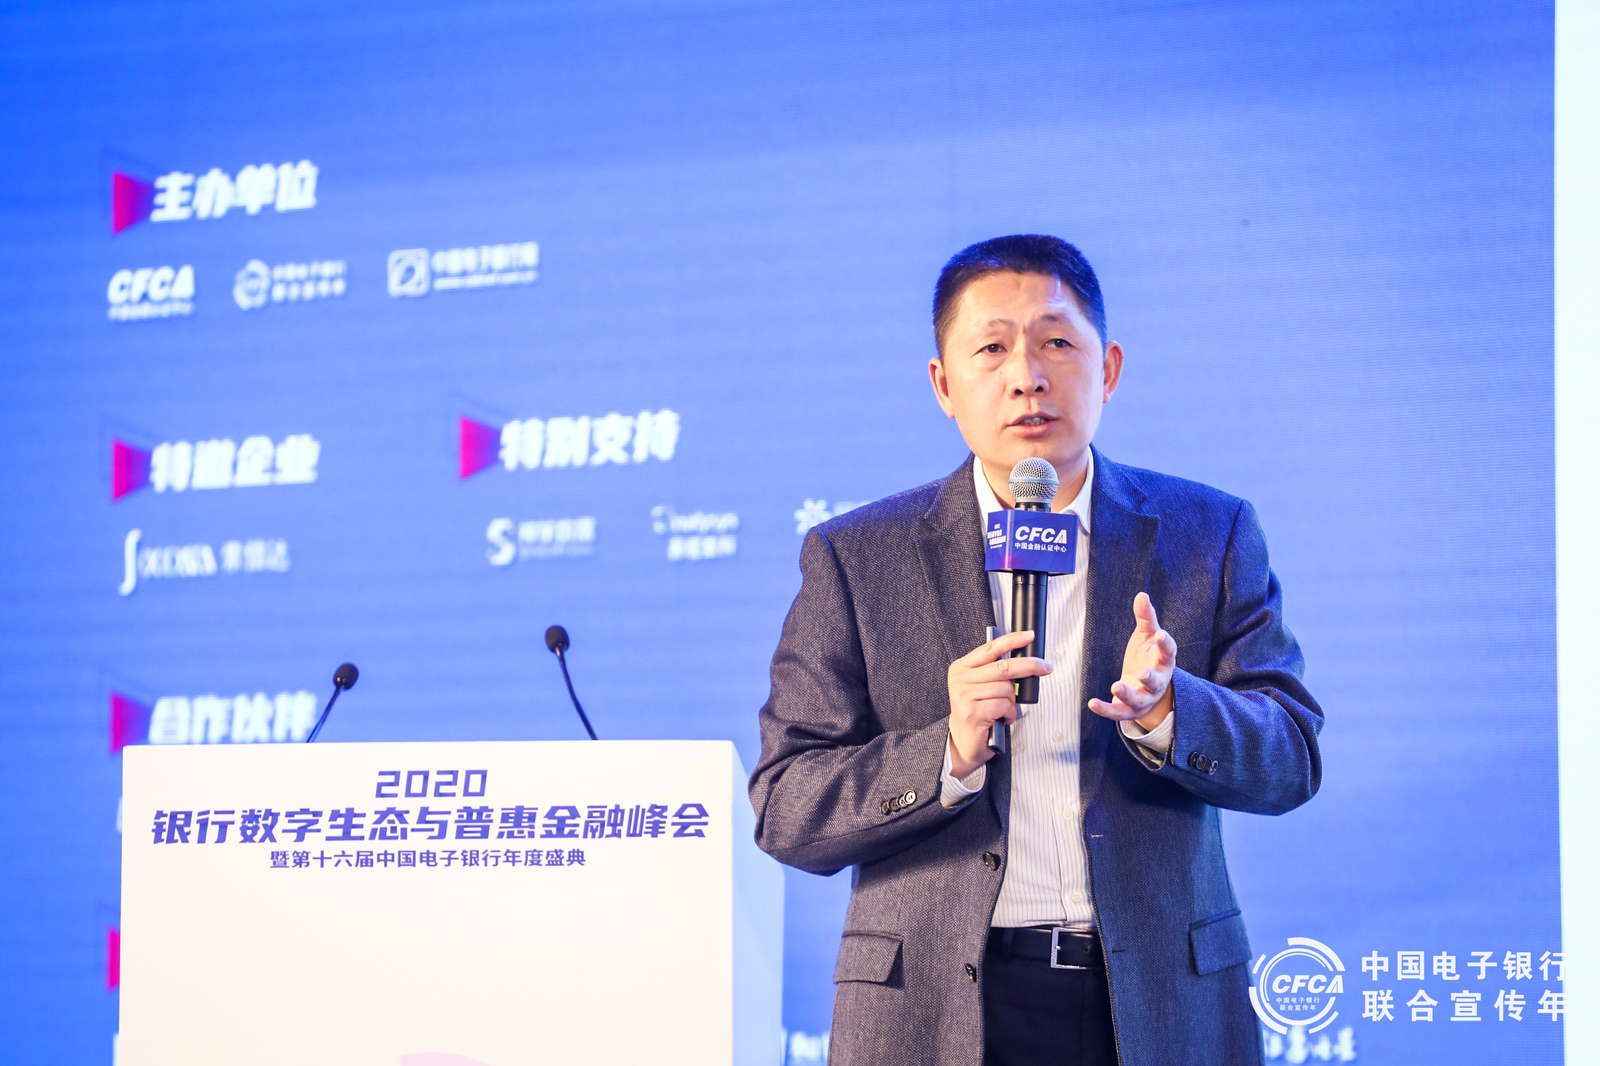 农行谢凯:银行是中国数字经济发展、数字中国建设的金融基础设施